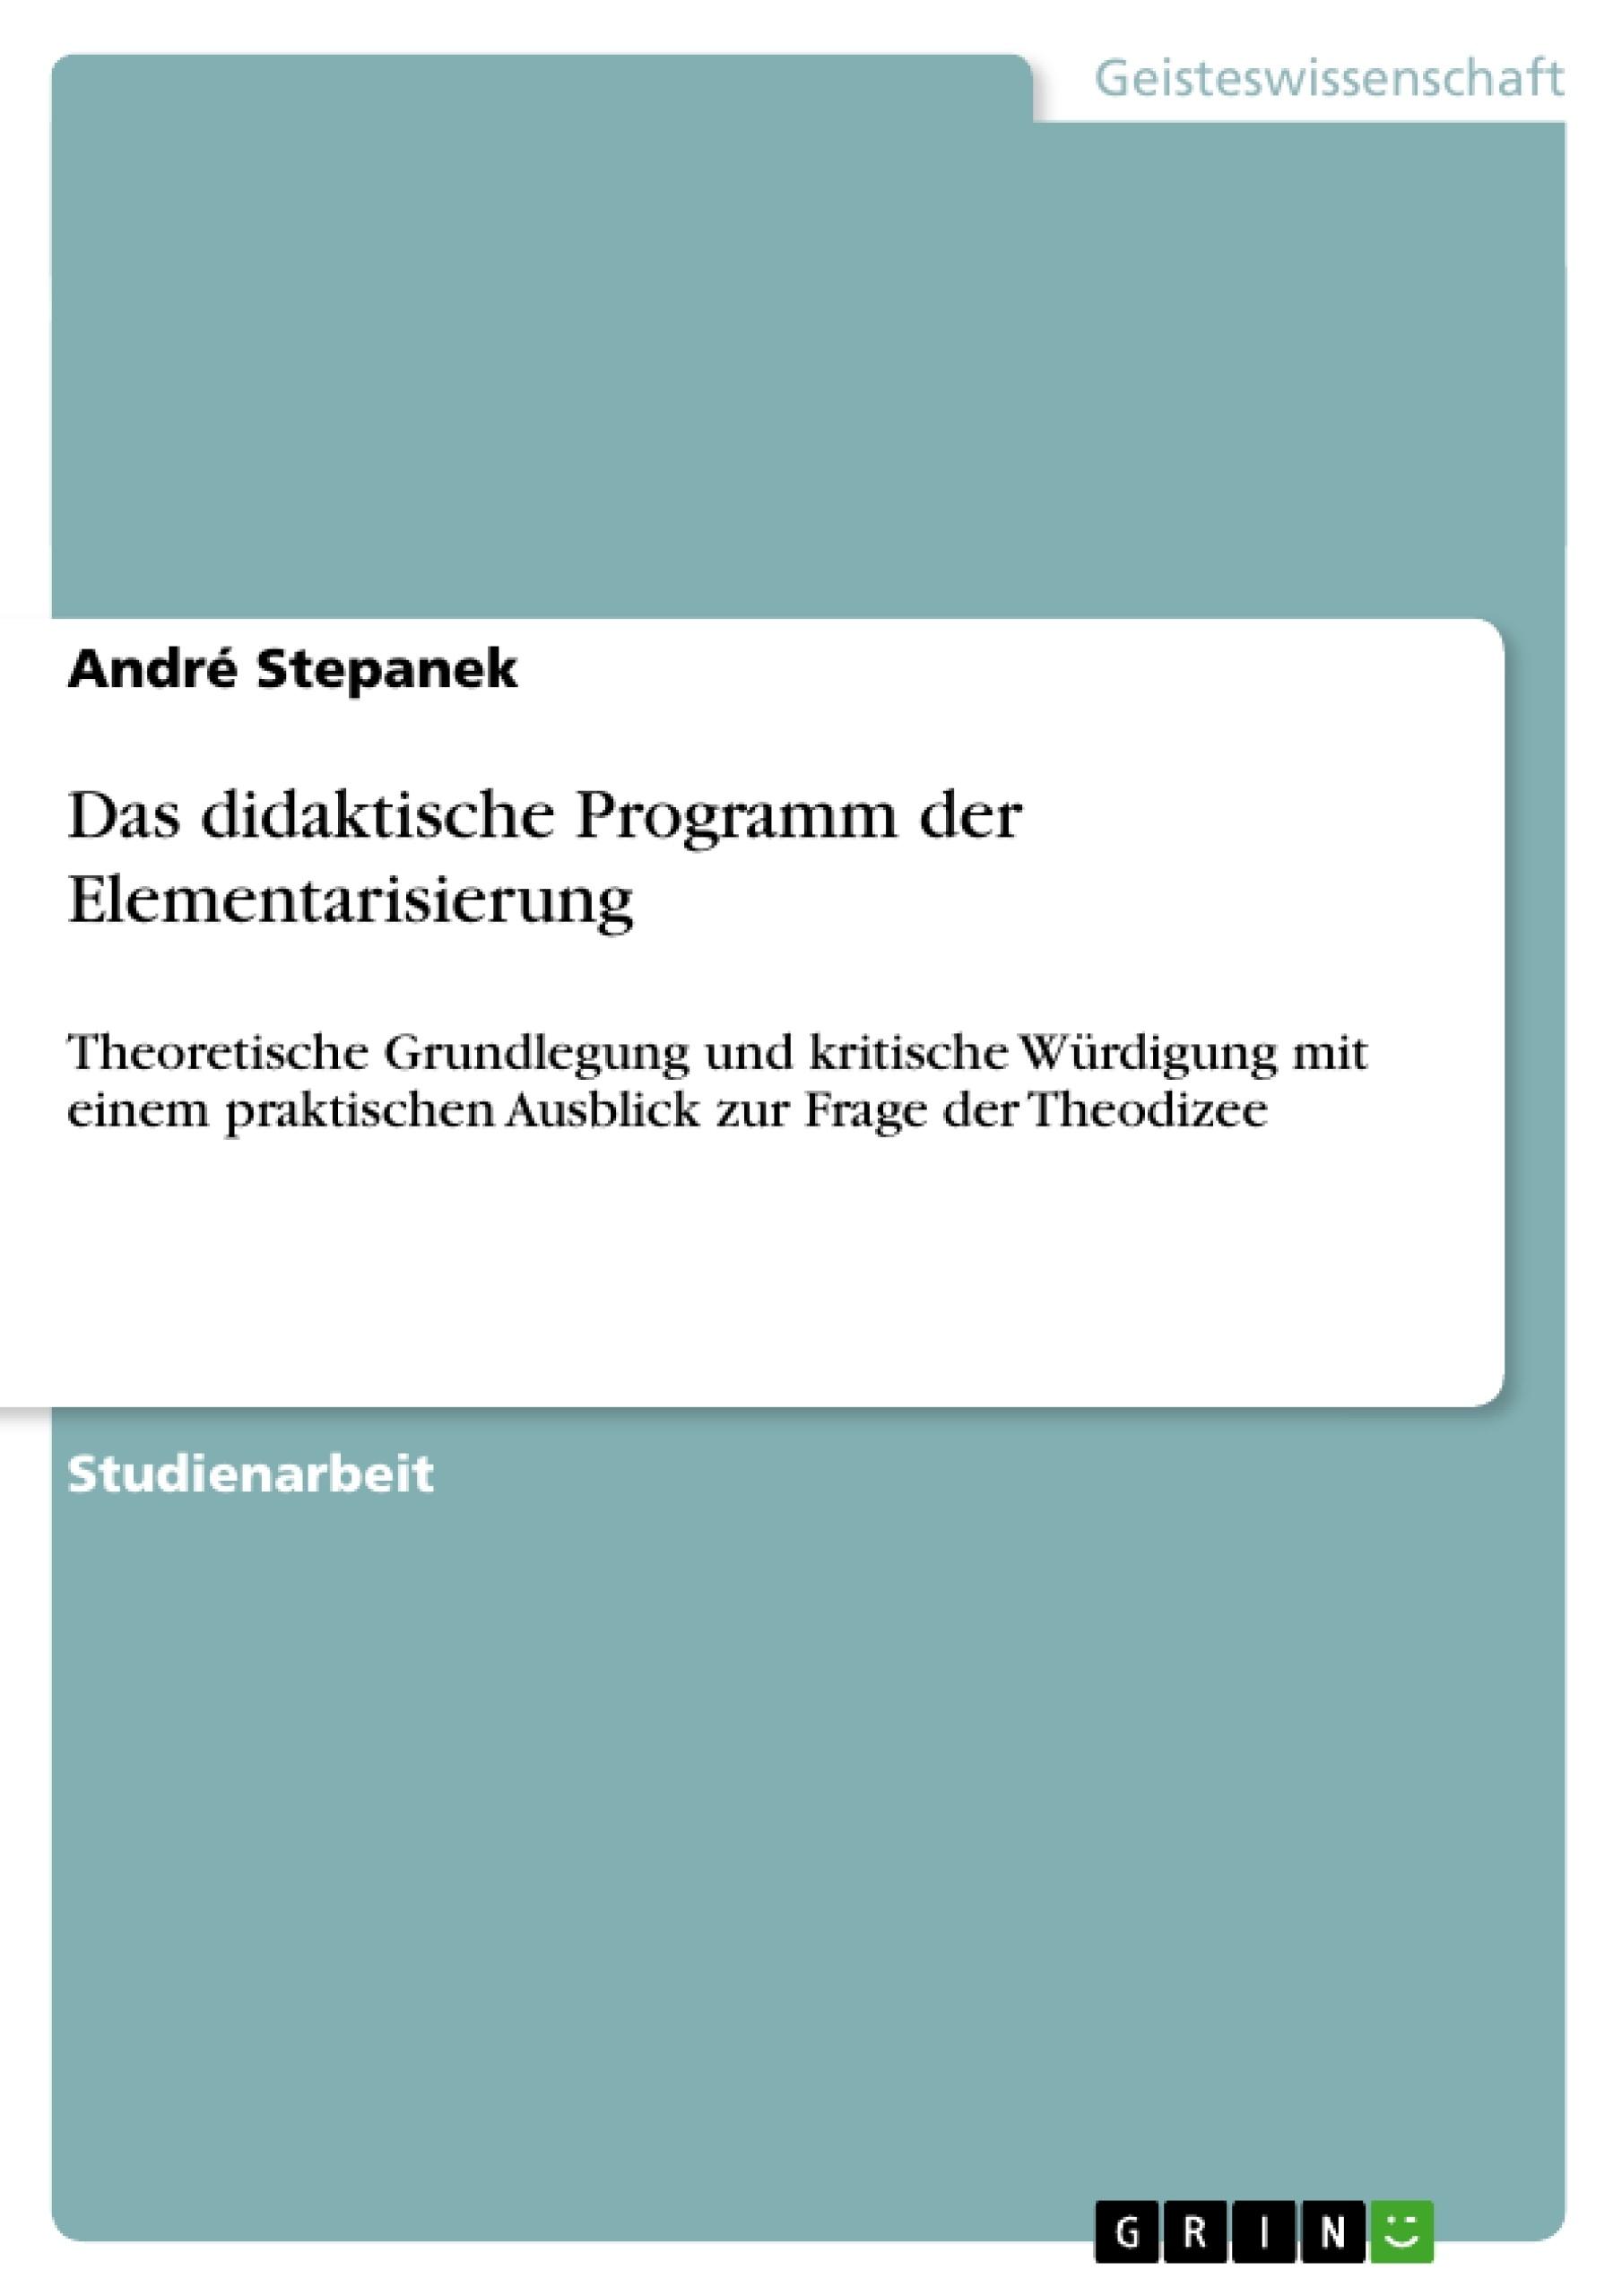 Titel: Das didaktische Programm der Elementarisierung